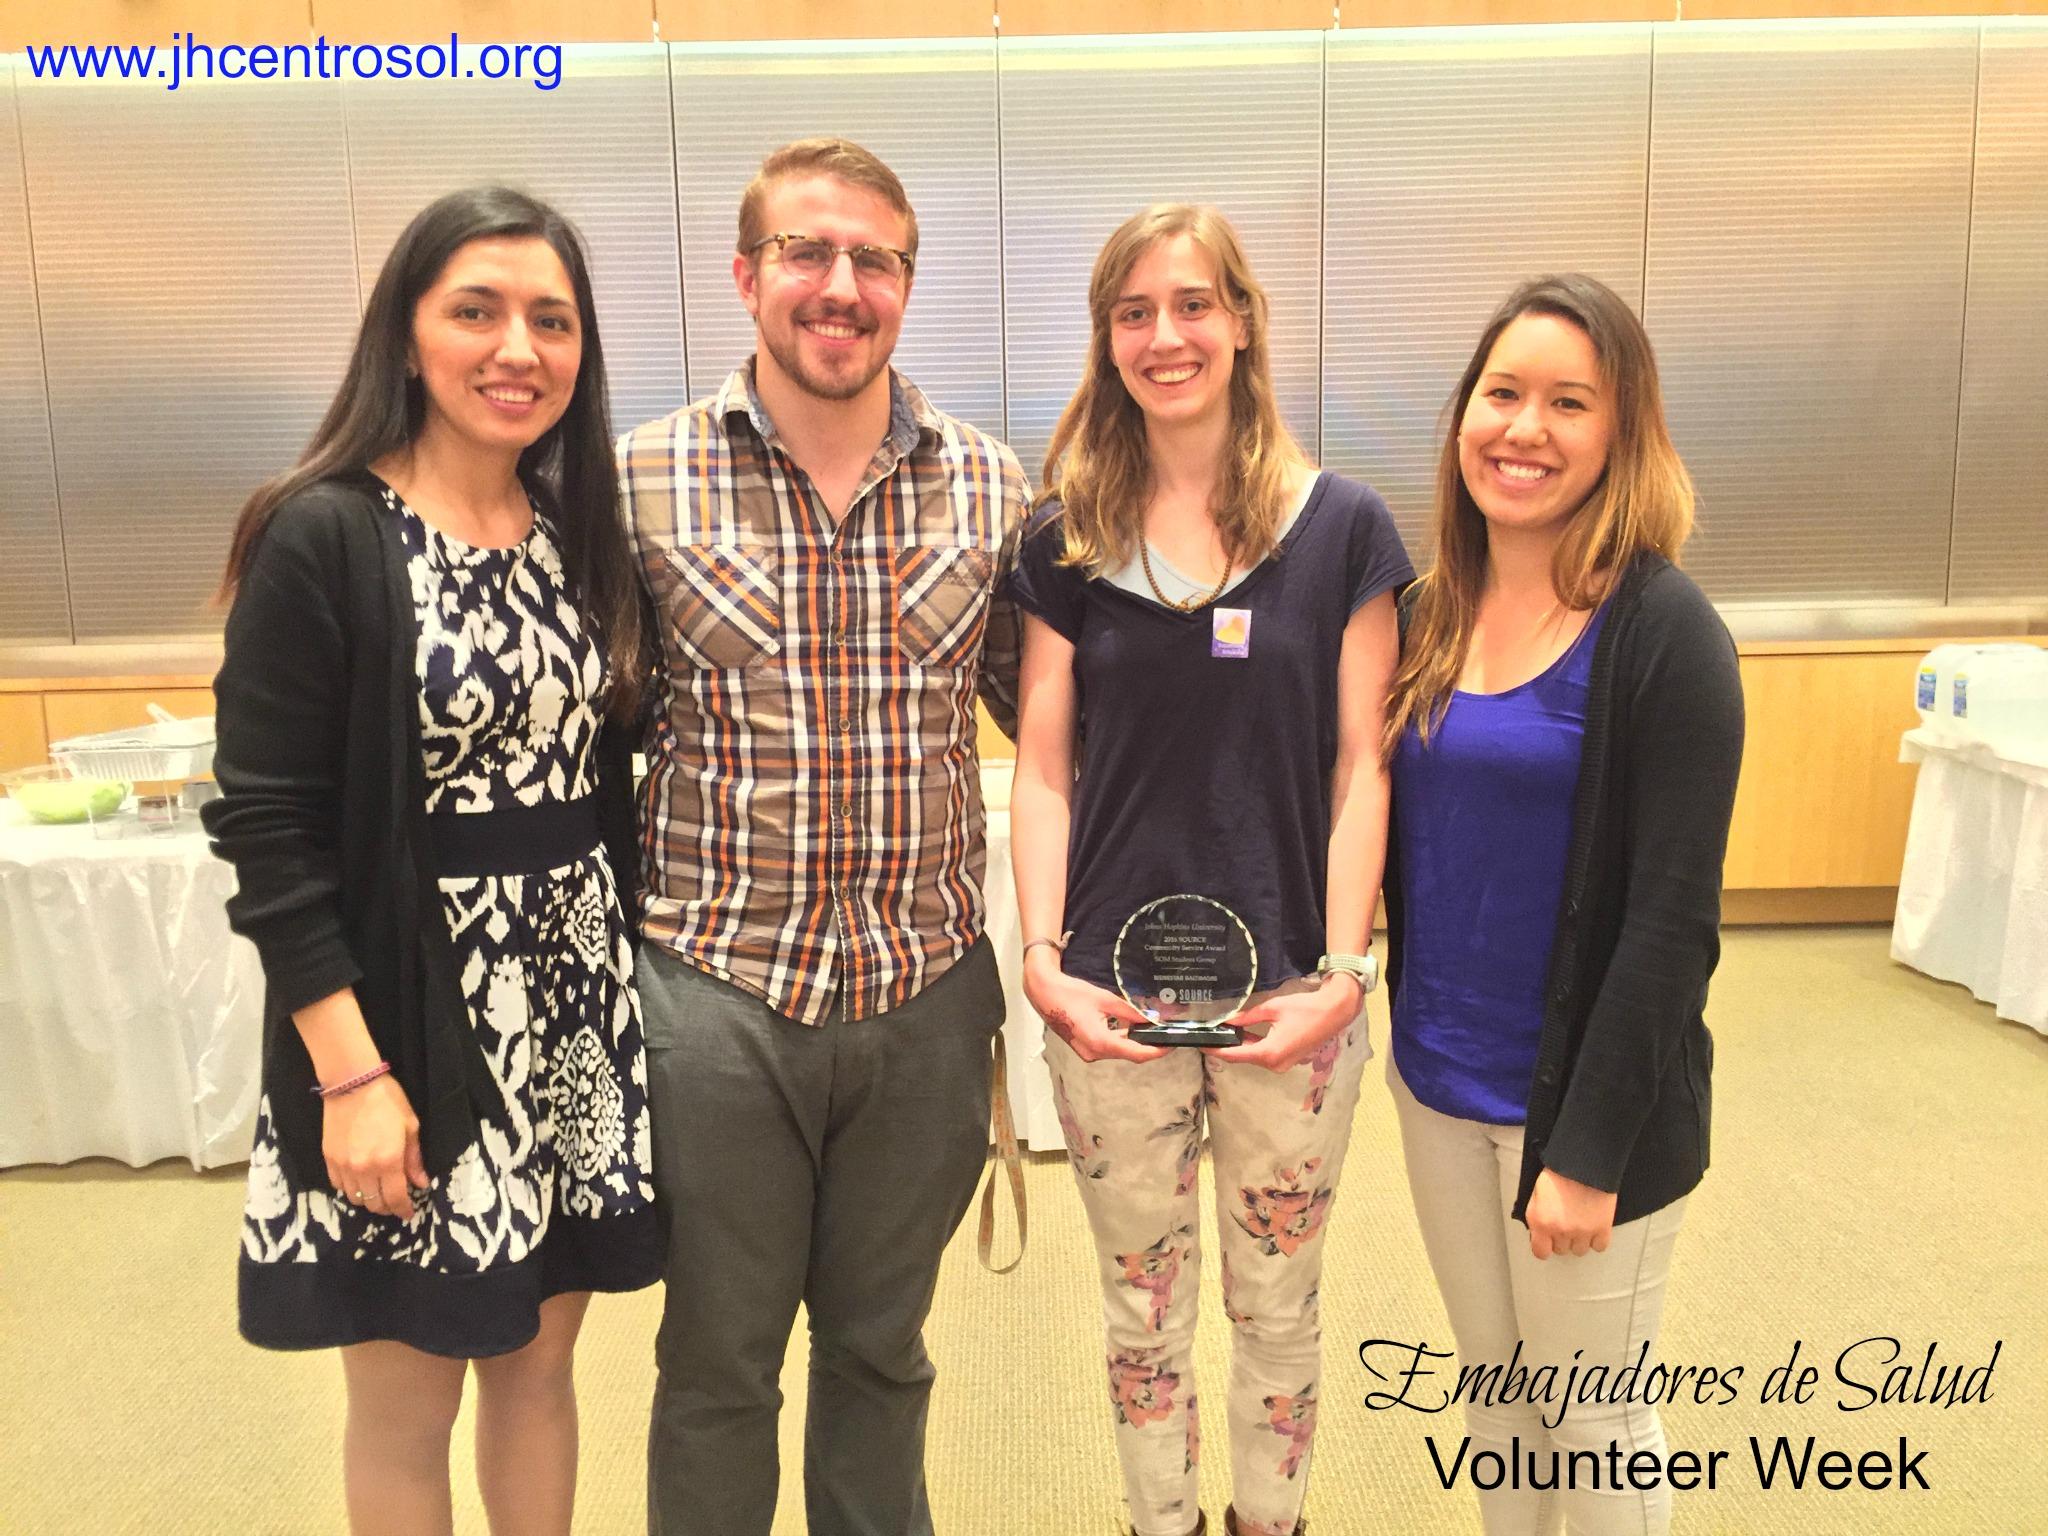 IMG_1186_volunteer-week.jpg